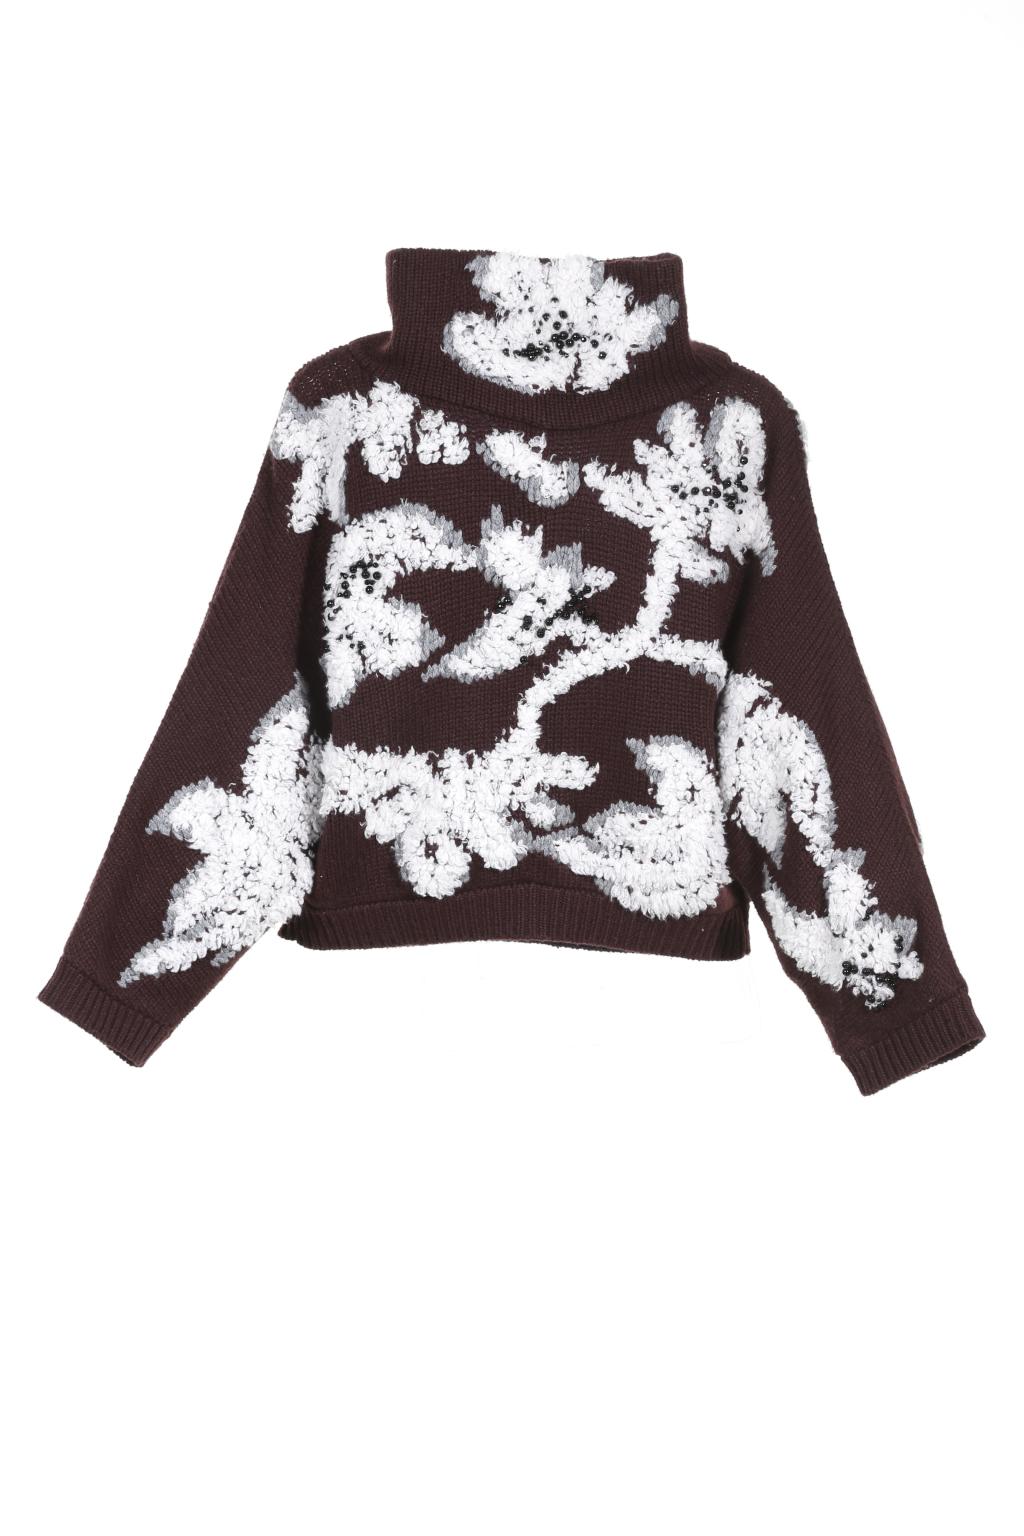 Модный укороченый свитер тренд сезона из коллекцииBrunello Cucinelli .